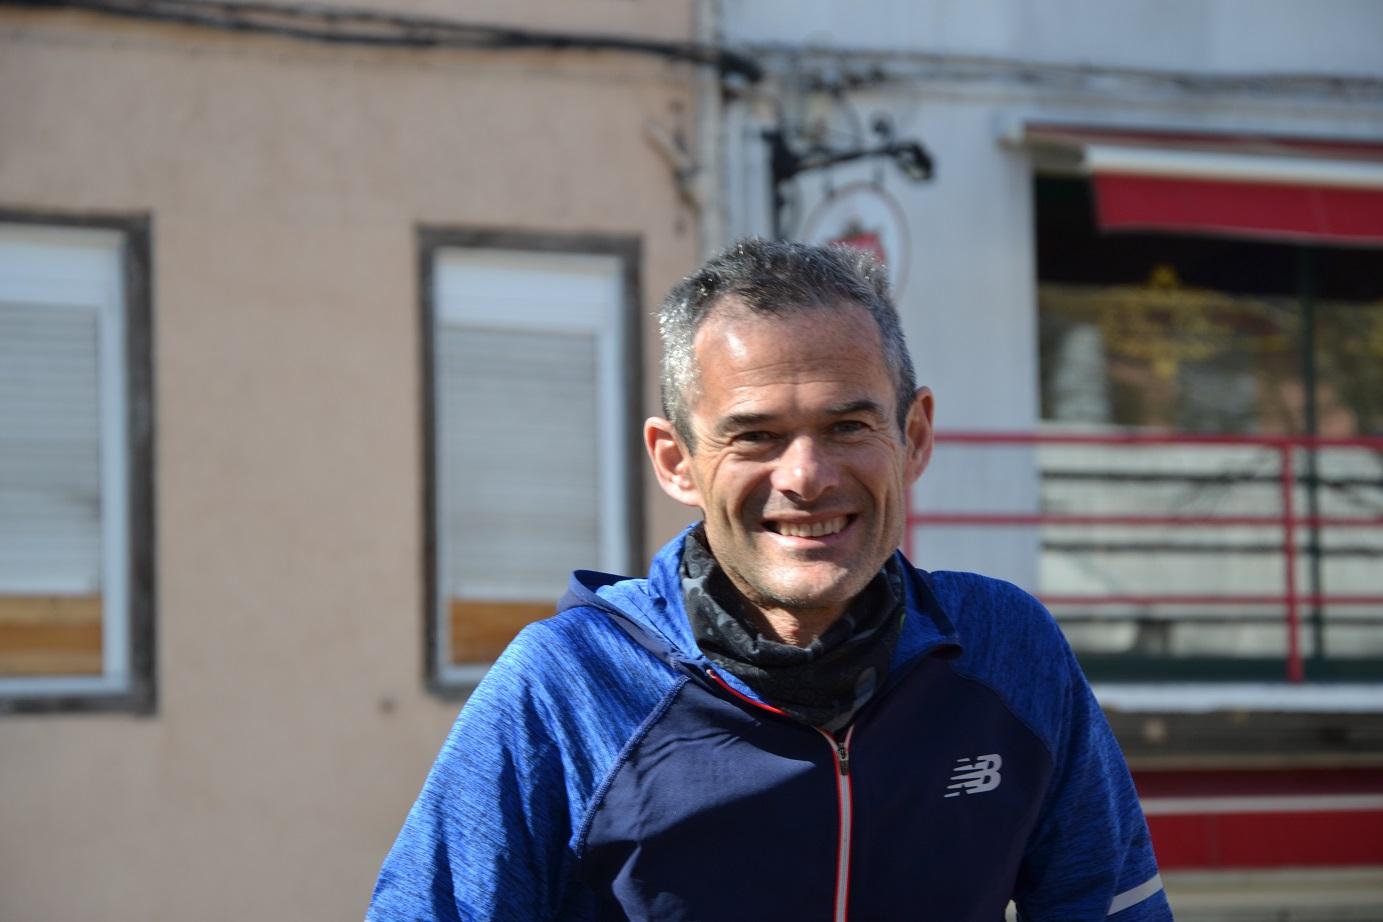 53-Il est 13h, Christophe a bouclé ses 40kms, il attend déjà à l'arrivée